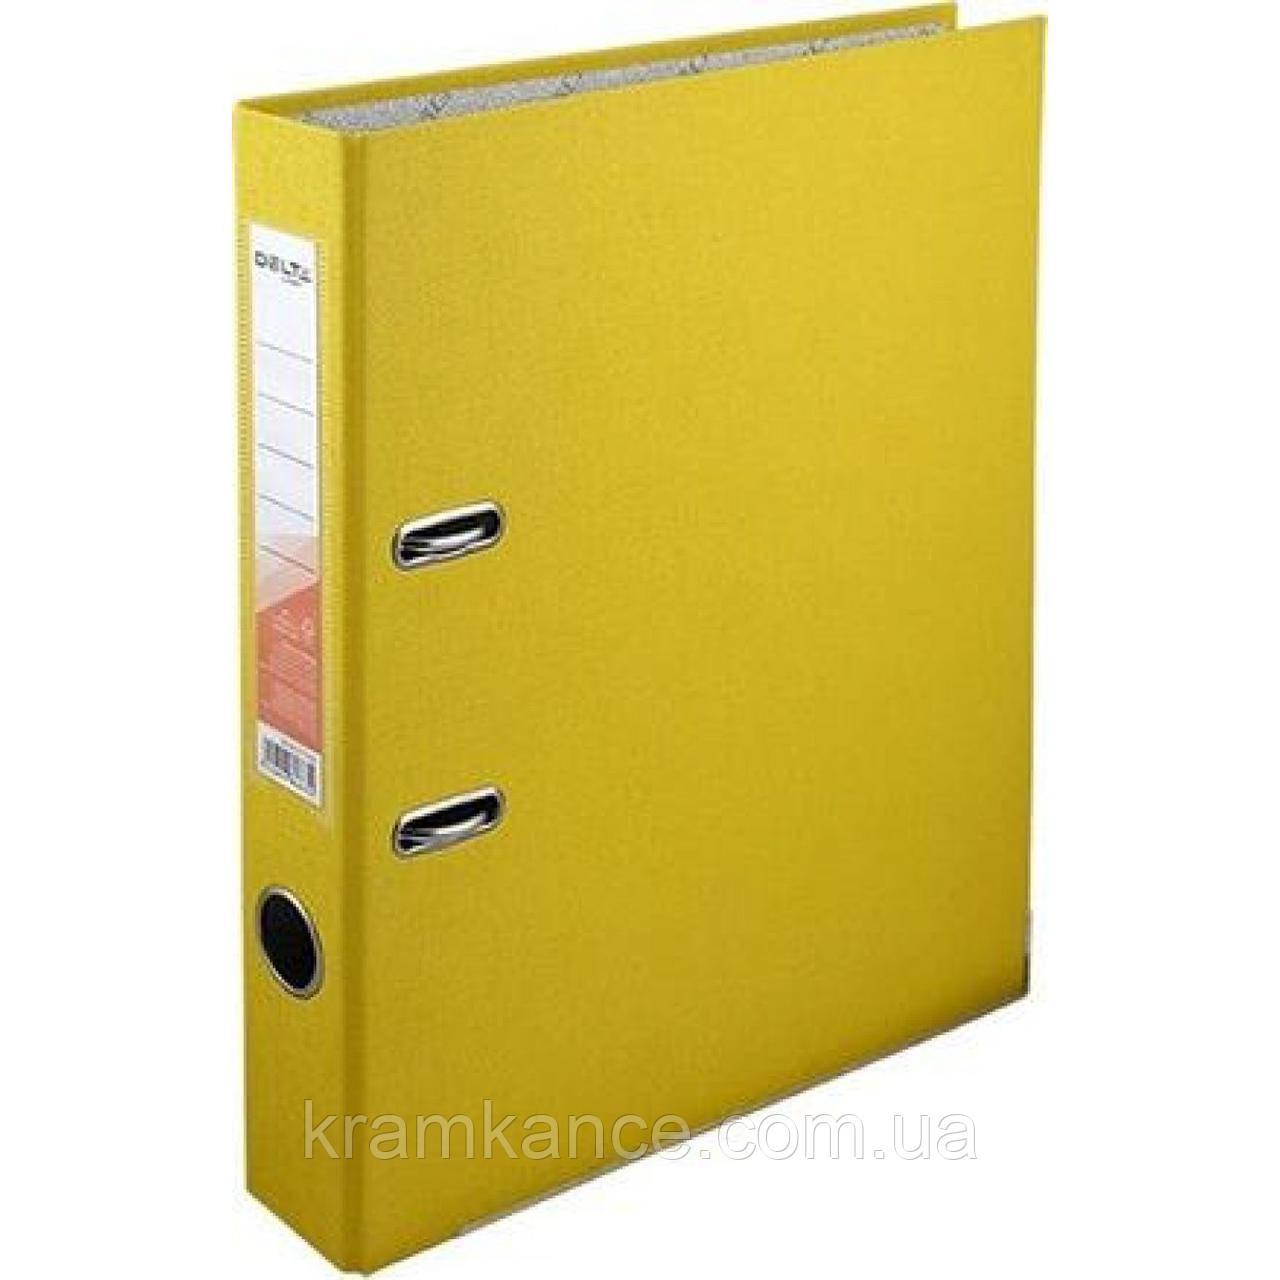 Папка-регестратор Delta by Axent 1713-08 5см желтый